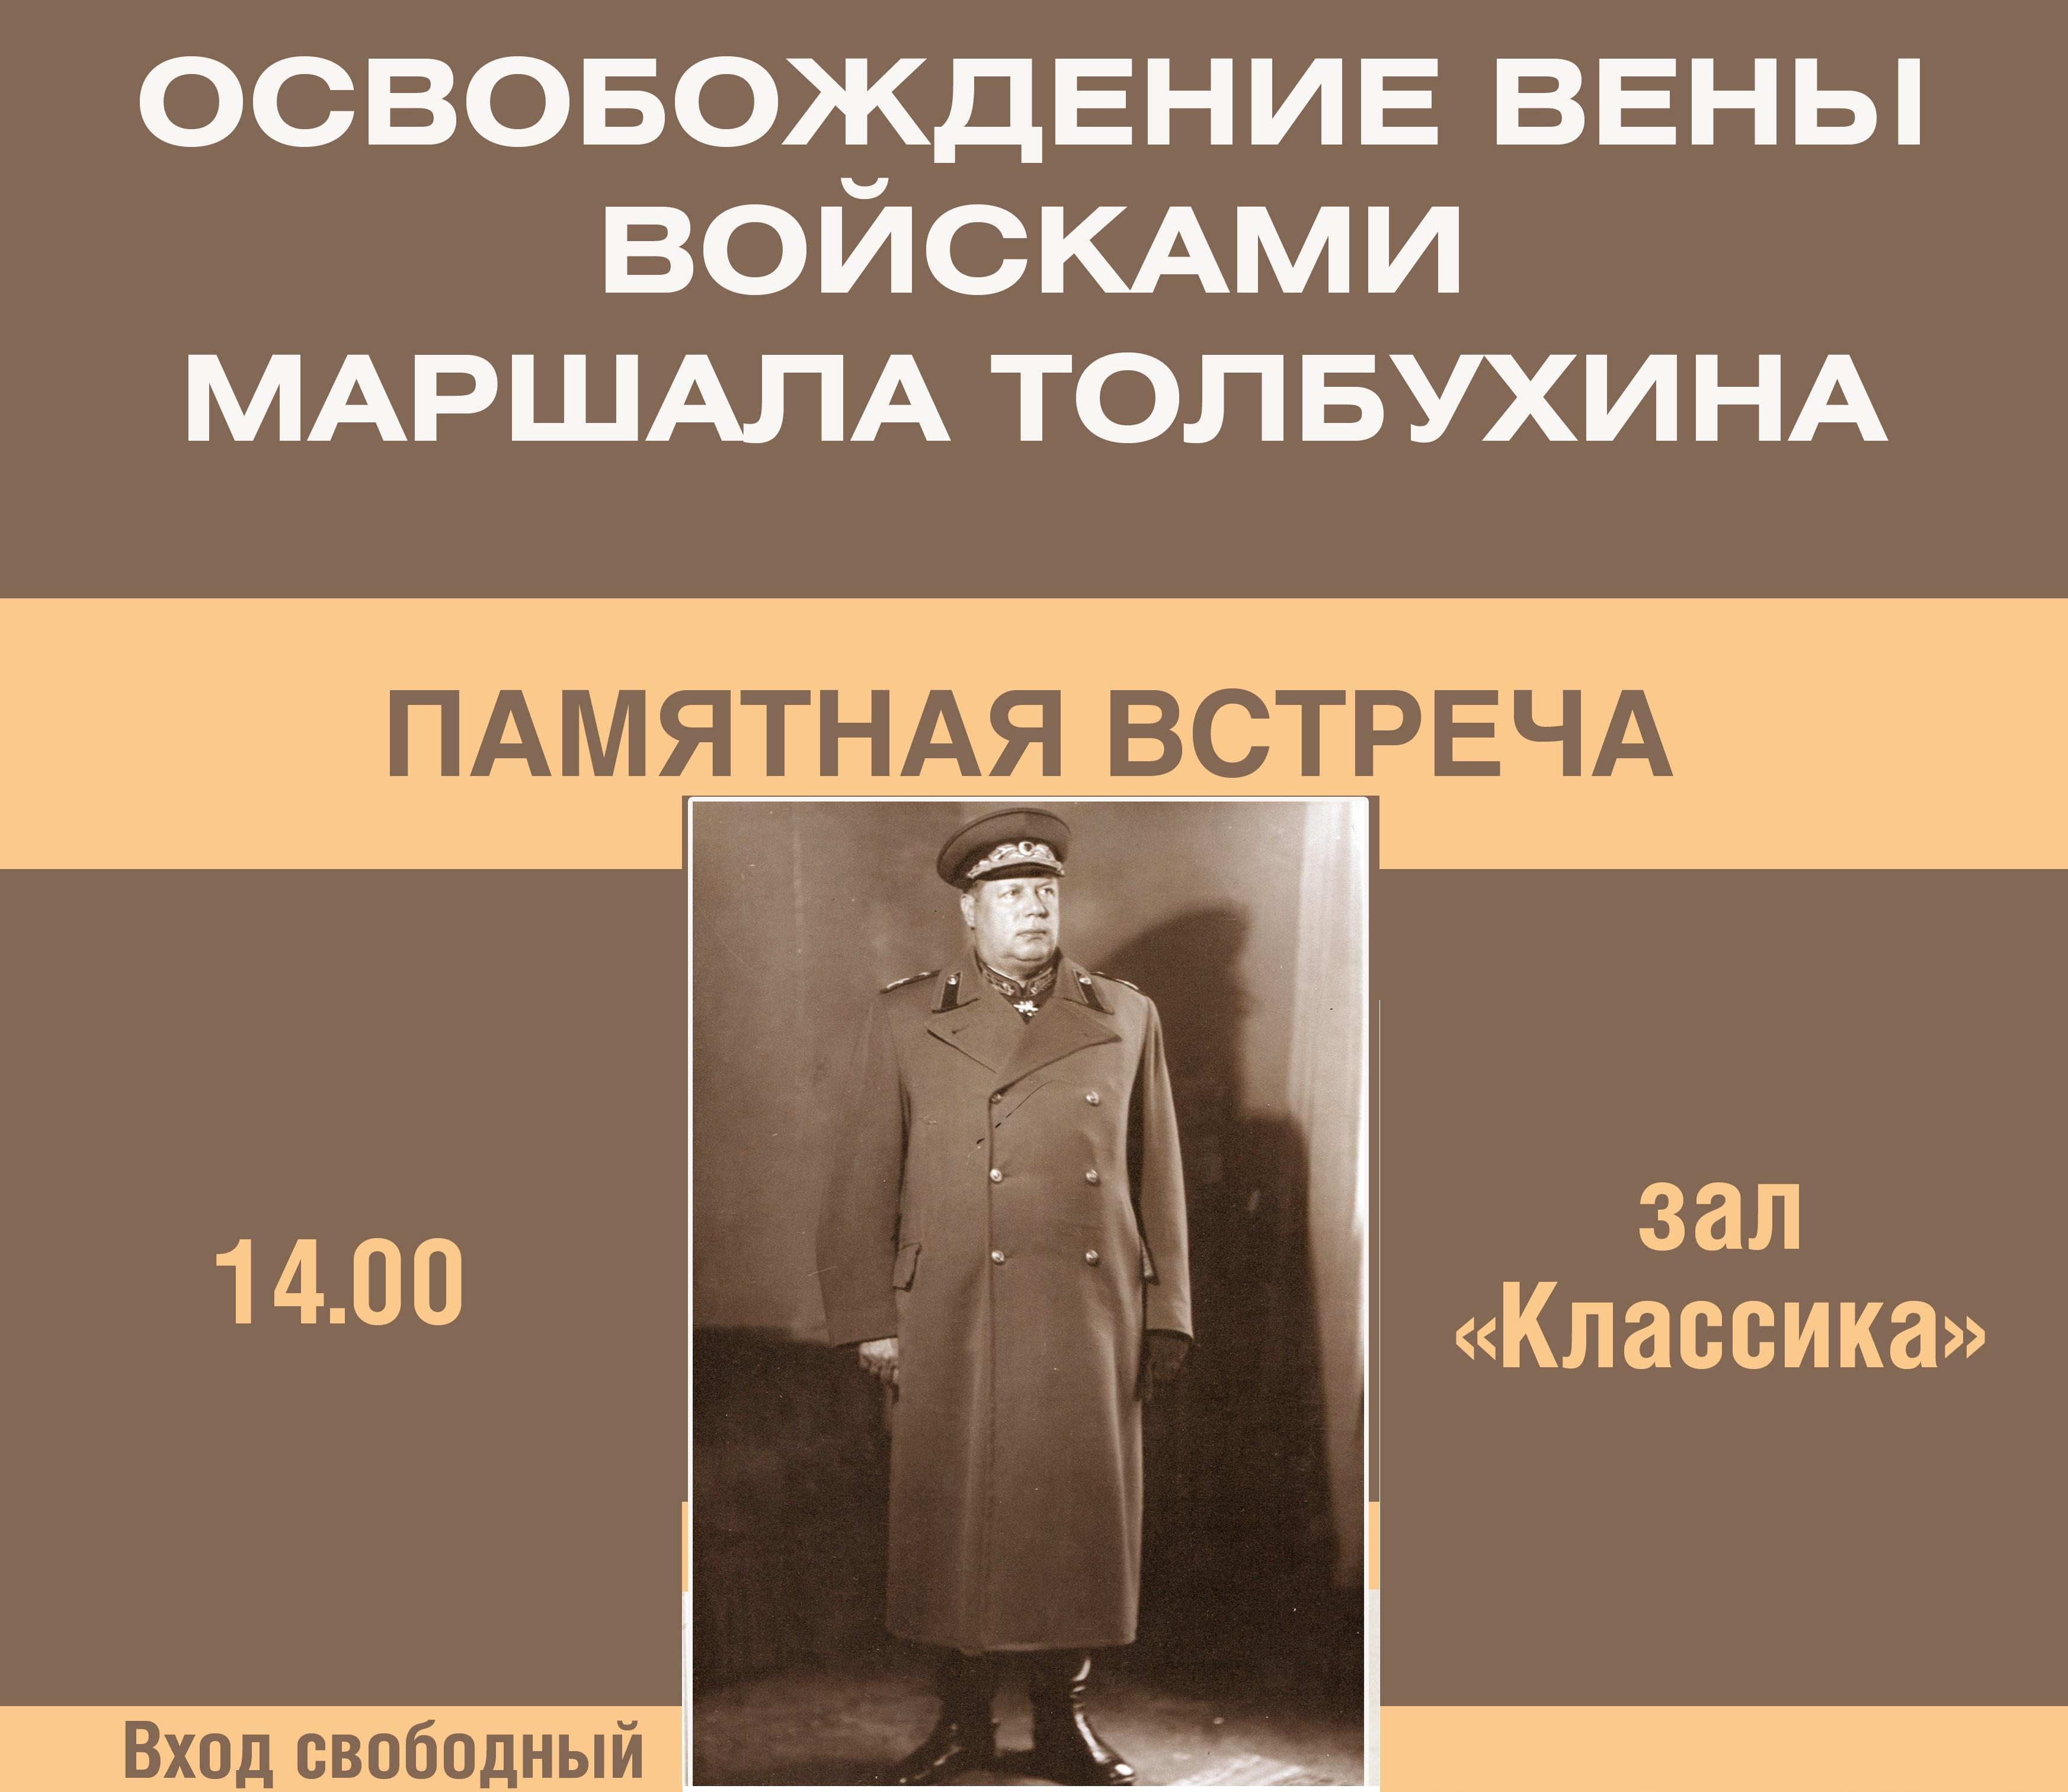 Встреча, посвященная маршалу Толбухину